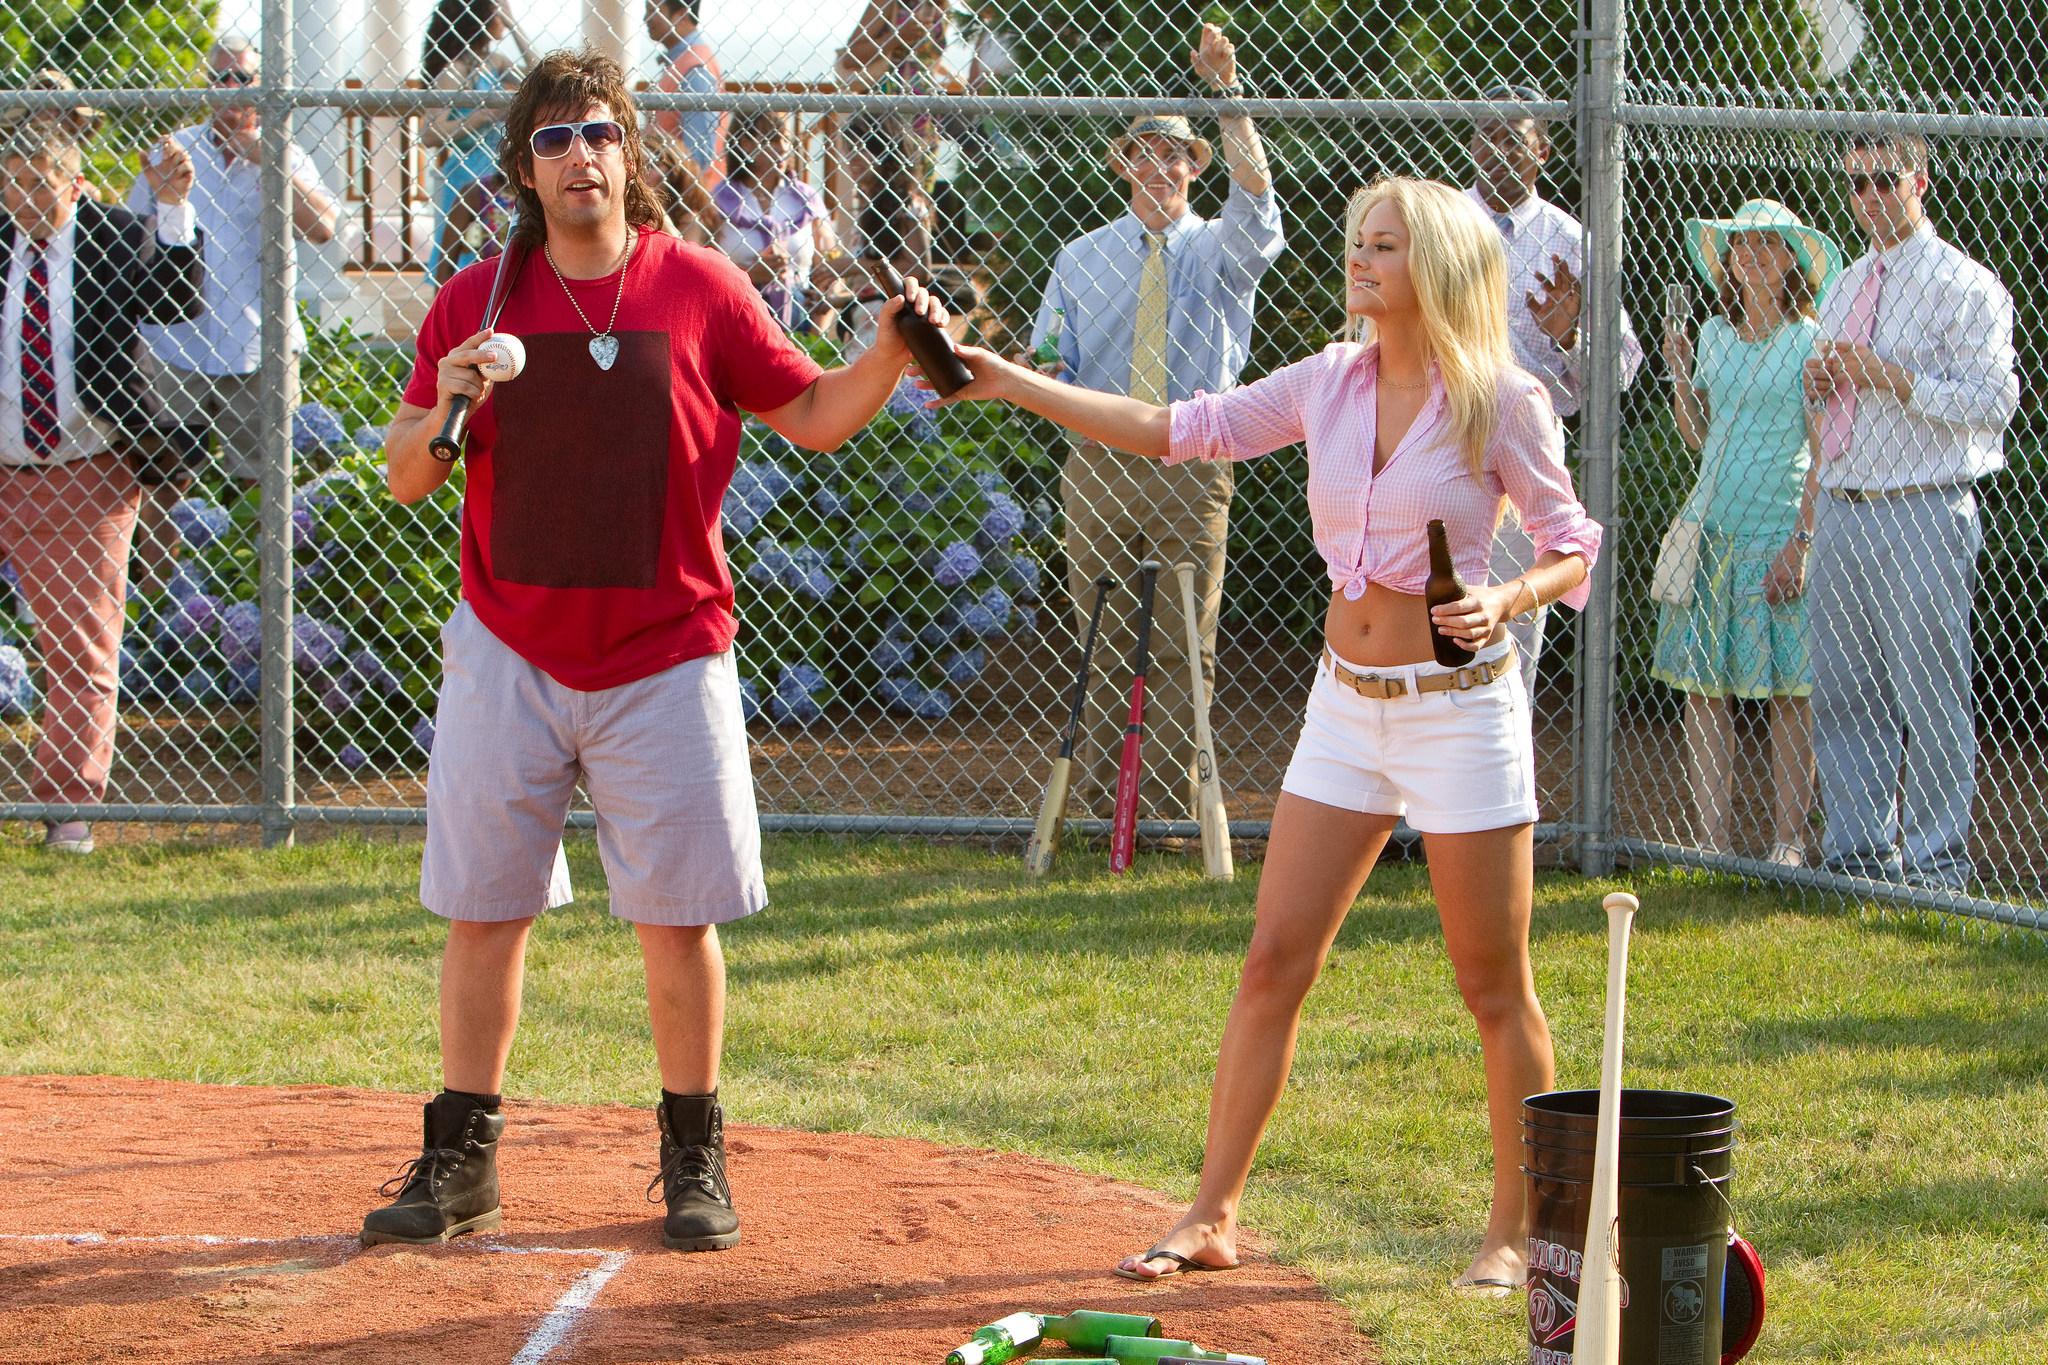 Adam Sandler and Abigail Klein in That's My Boy (2012)